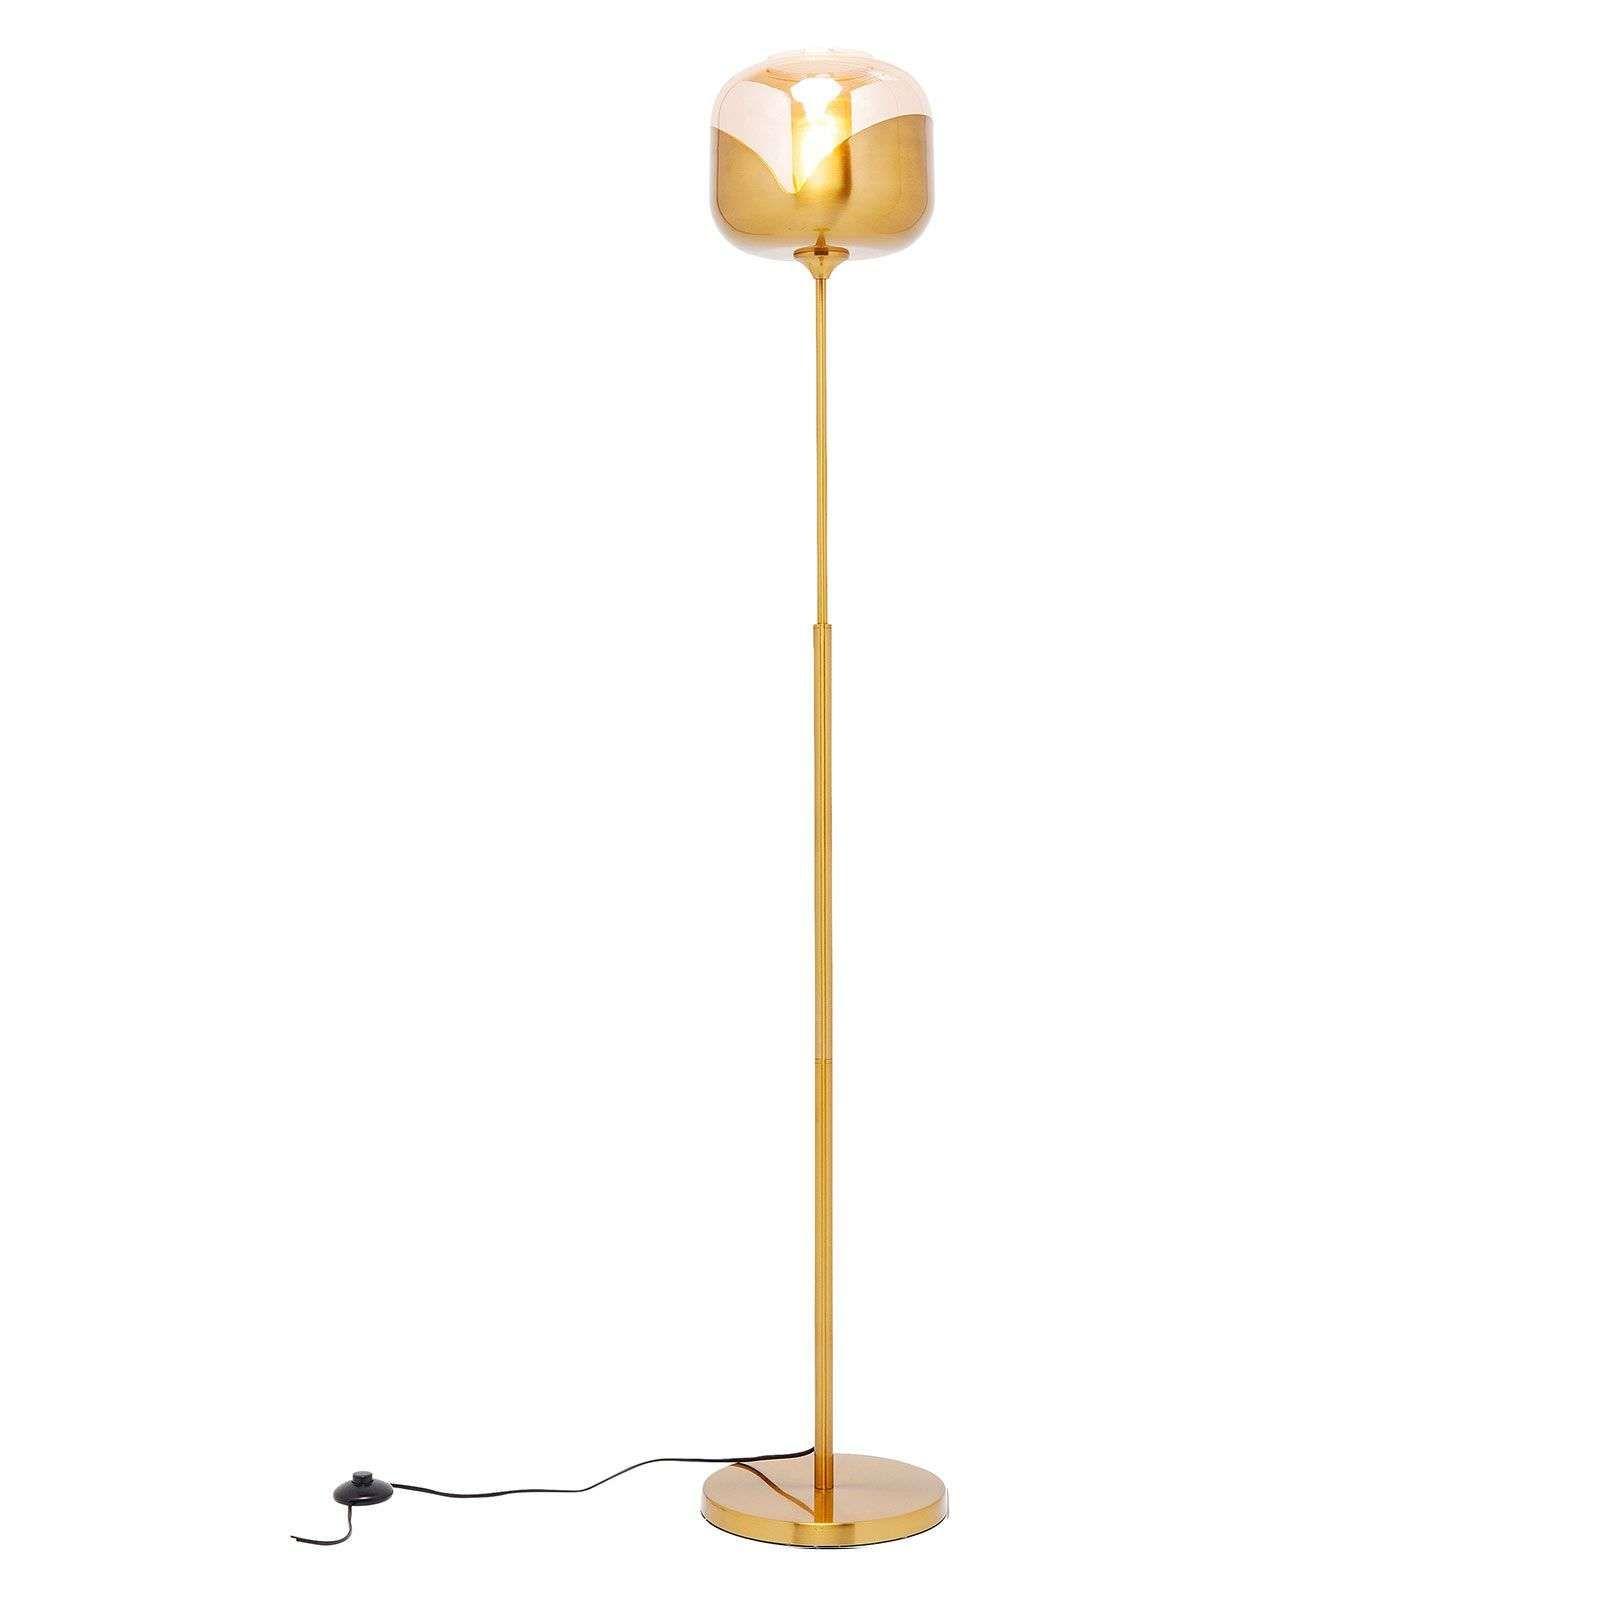 Kare Golden Goblet Ball Stehleuchte Gold Mit Bildern Stehlampe Leuchten Indirektes Licht